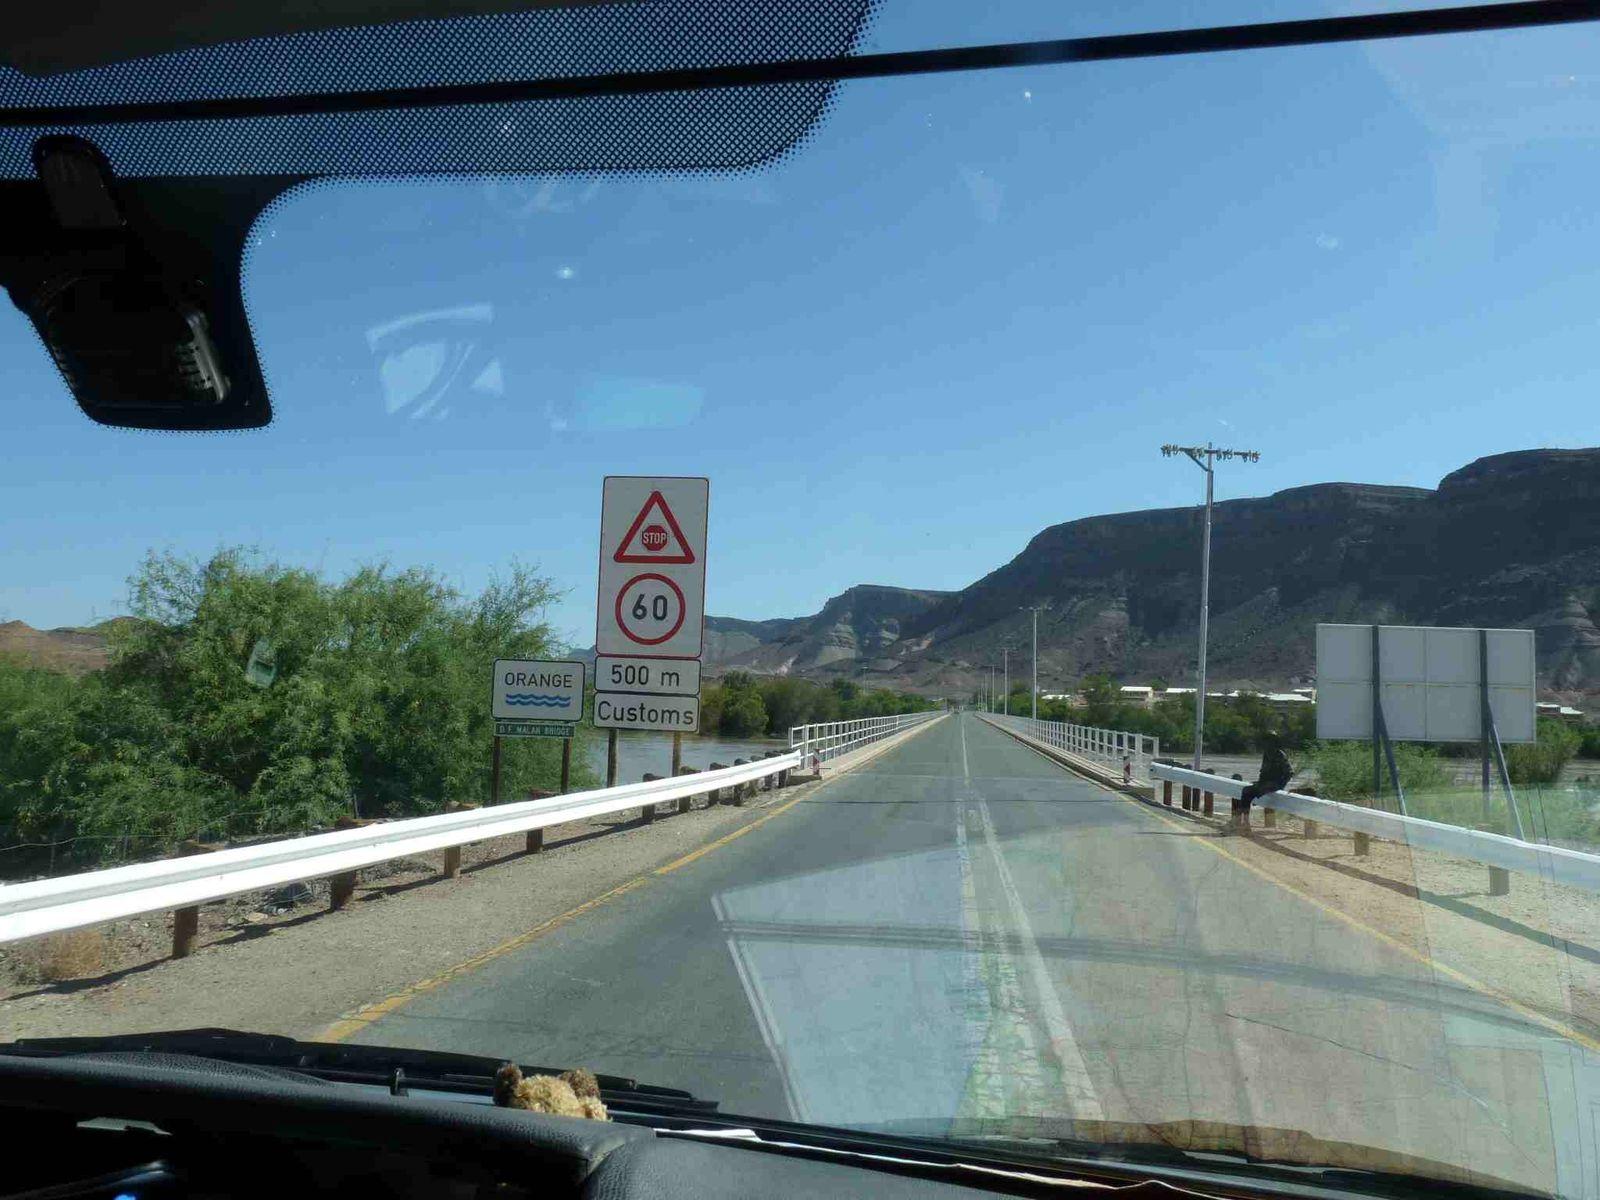 Départ de France en camping-car, arrivée en Namibie 10 mois + tard...